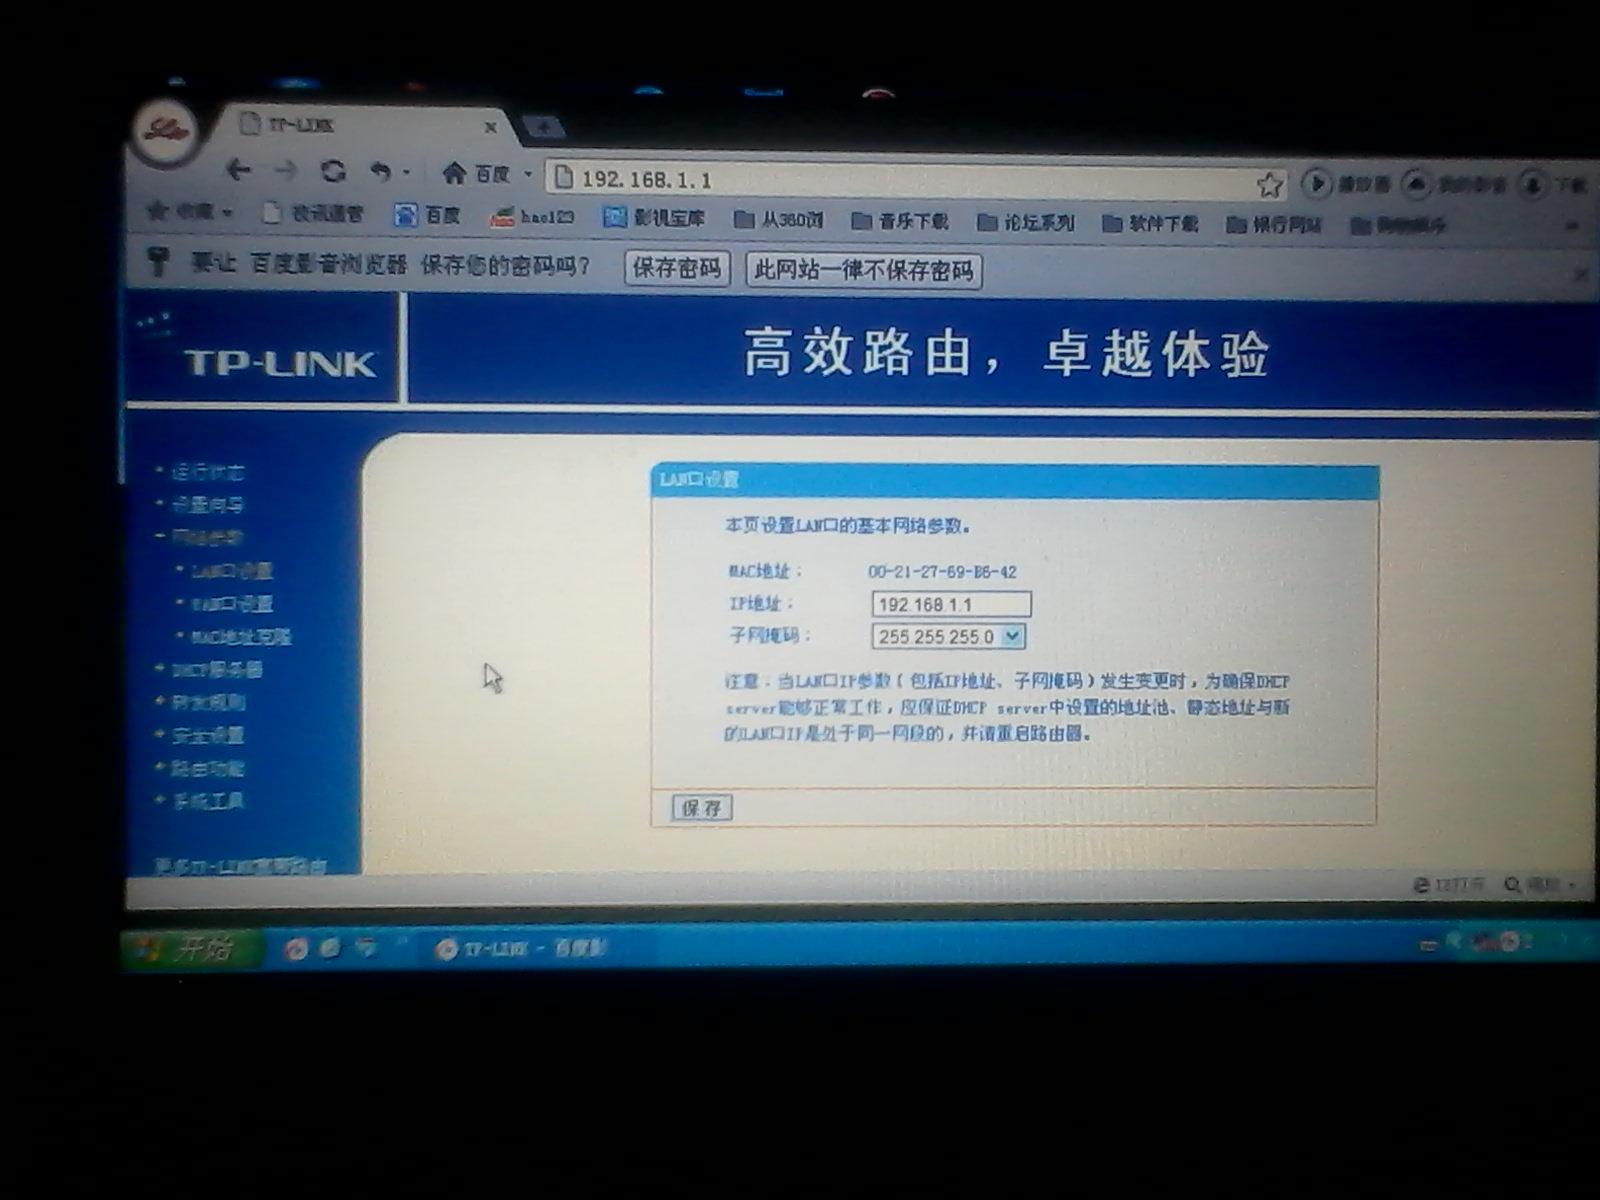 tp link无线路由器怎么设置初始密码??就是账号admin密码admin!!我想修改这个!应该这么修改??